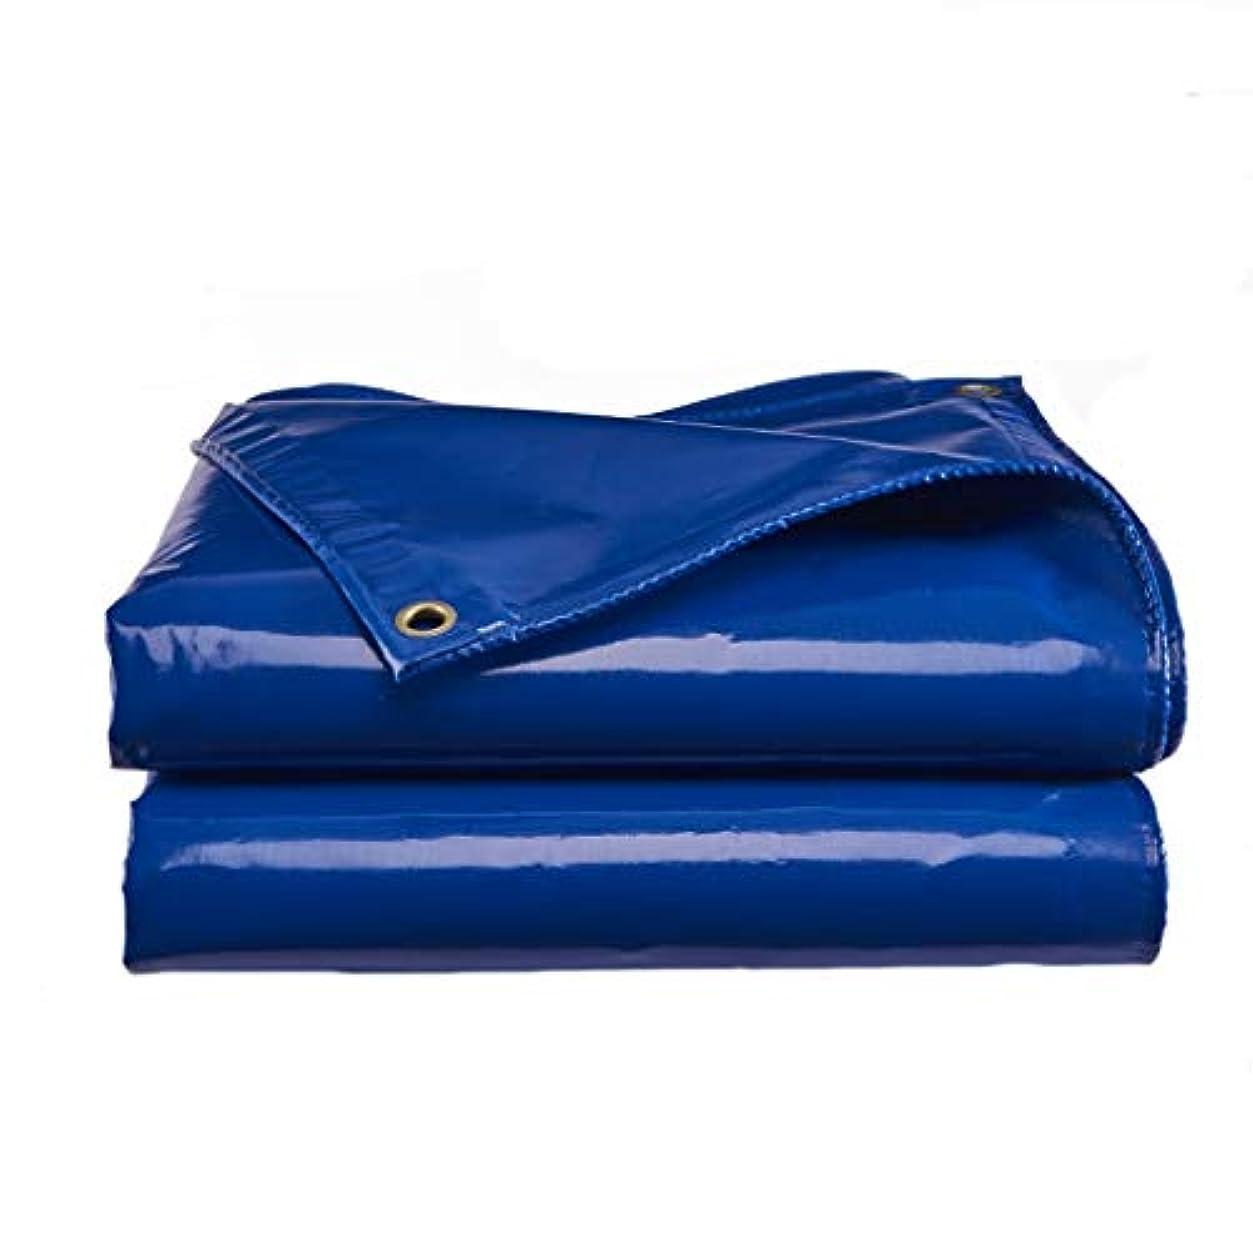 会計逆にオーニングカーペット、オーニング多目的ターポリン 耐候性、ポータブル屋外カーペットマット、カーレインUV (Size : 10mx12m)